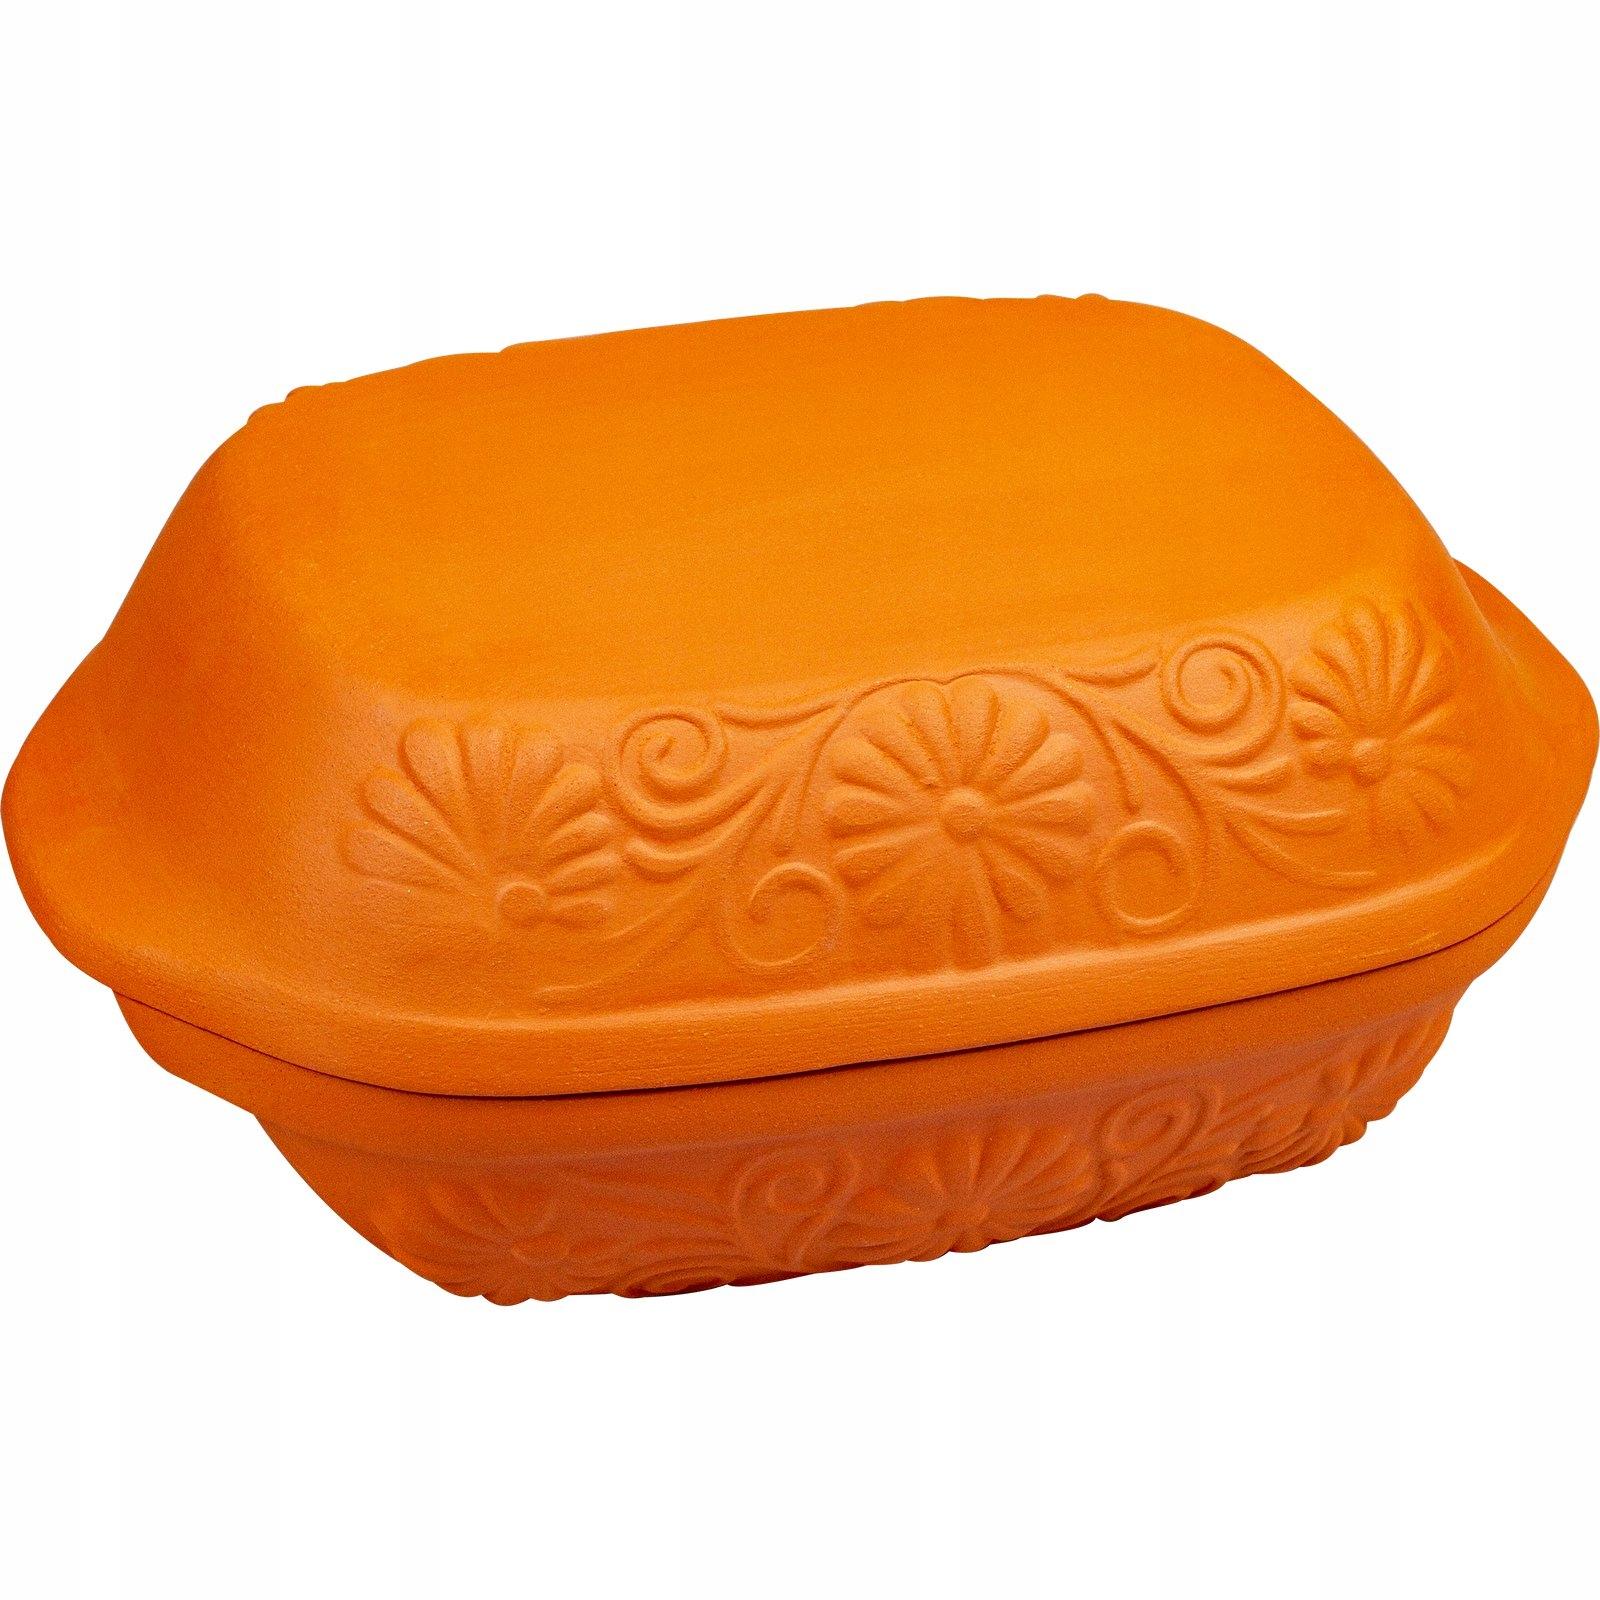 Римский глиняный горшок для хлебных блюд блюдо 4л